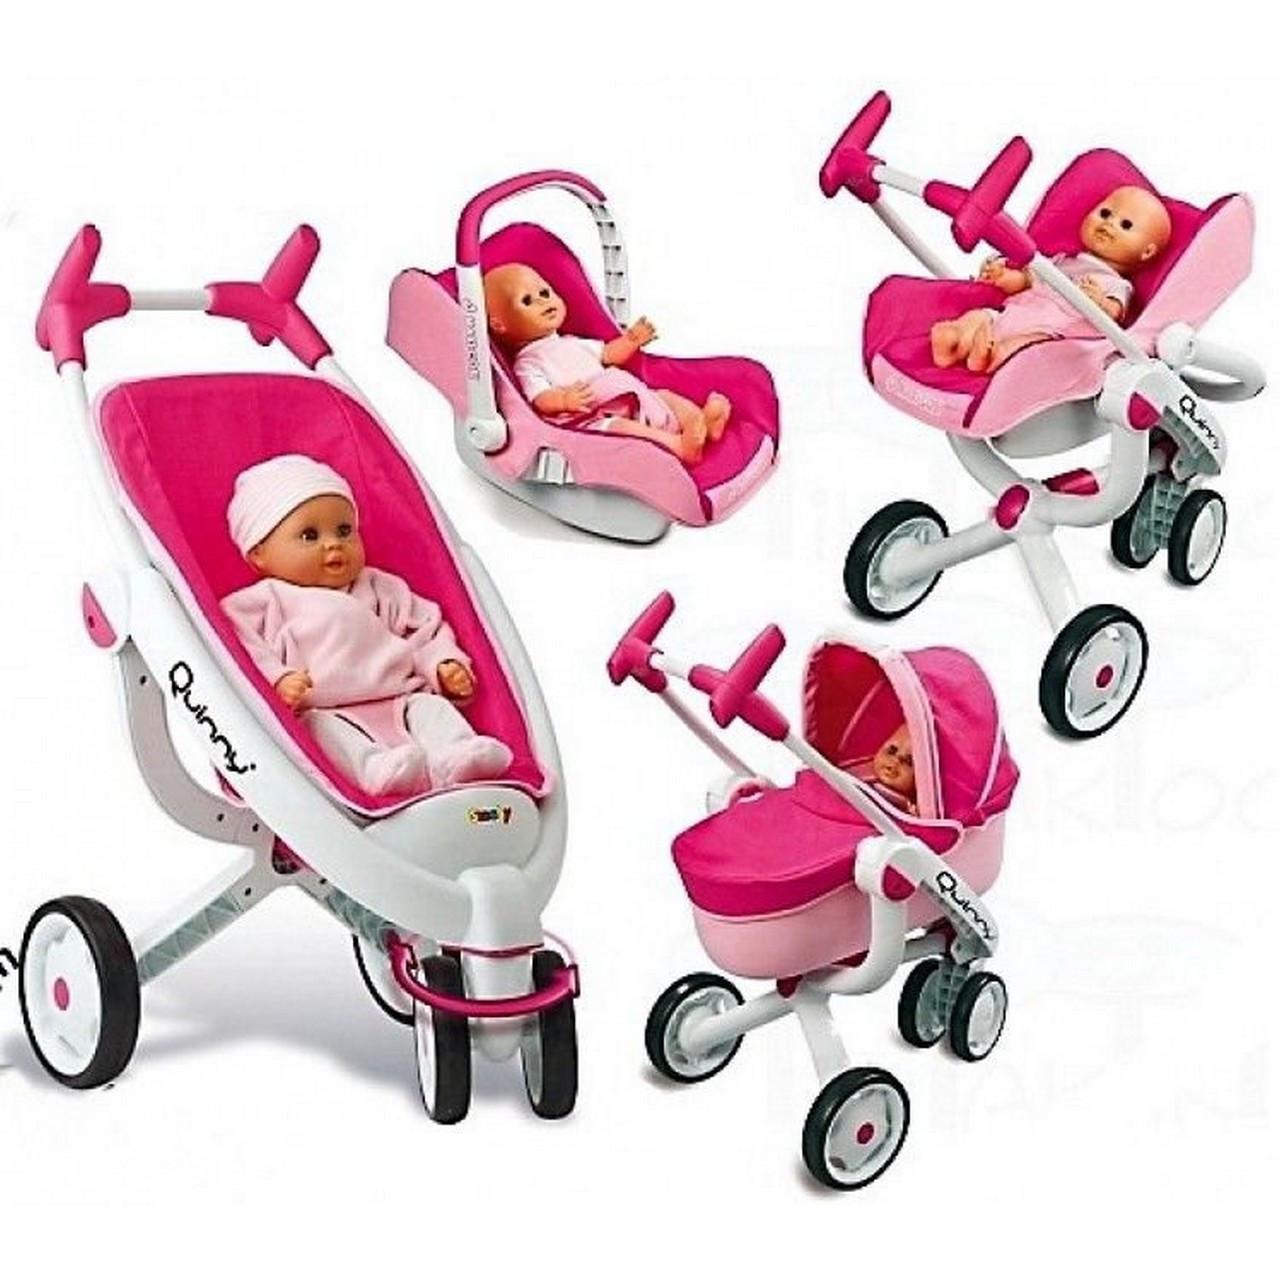 Детская коляска трансформер 4 в 1 для куклы Maxi Cosi Quinny Smoby 550389